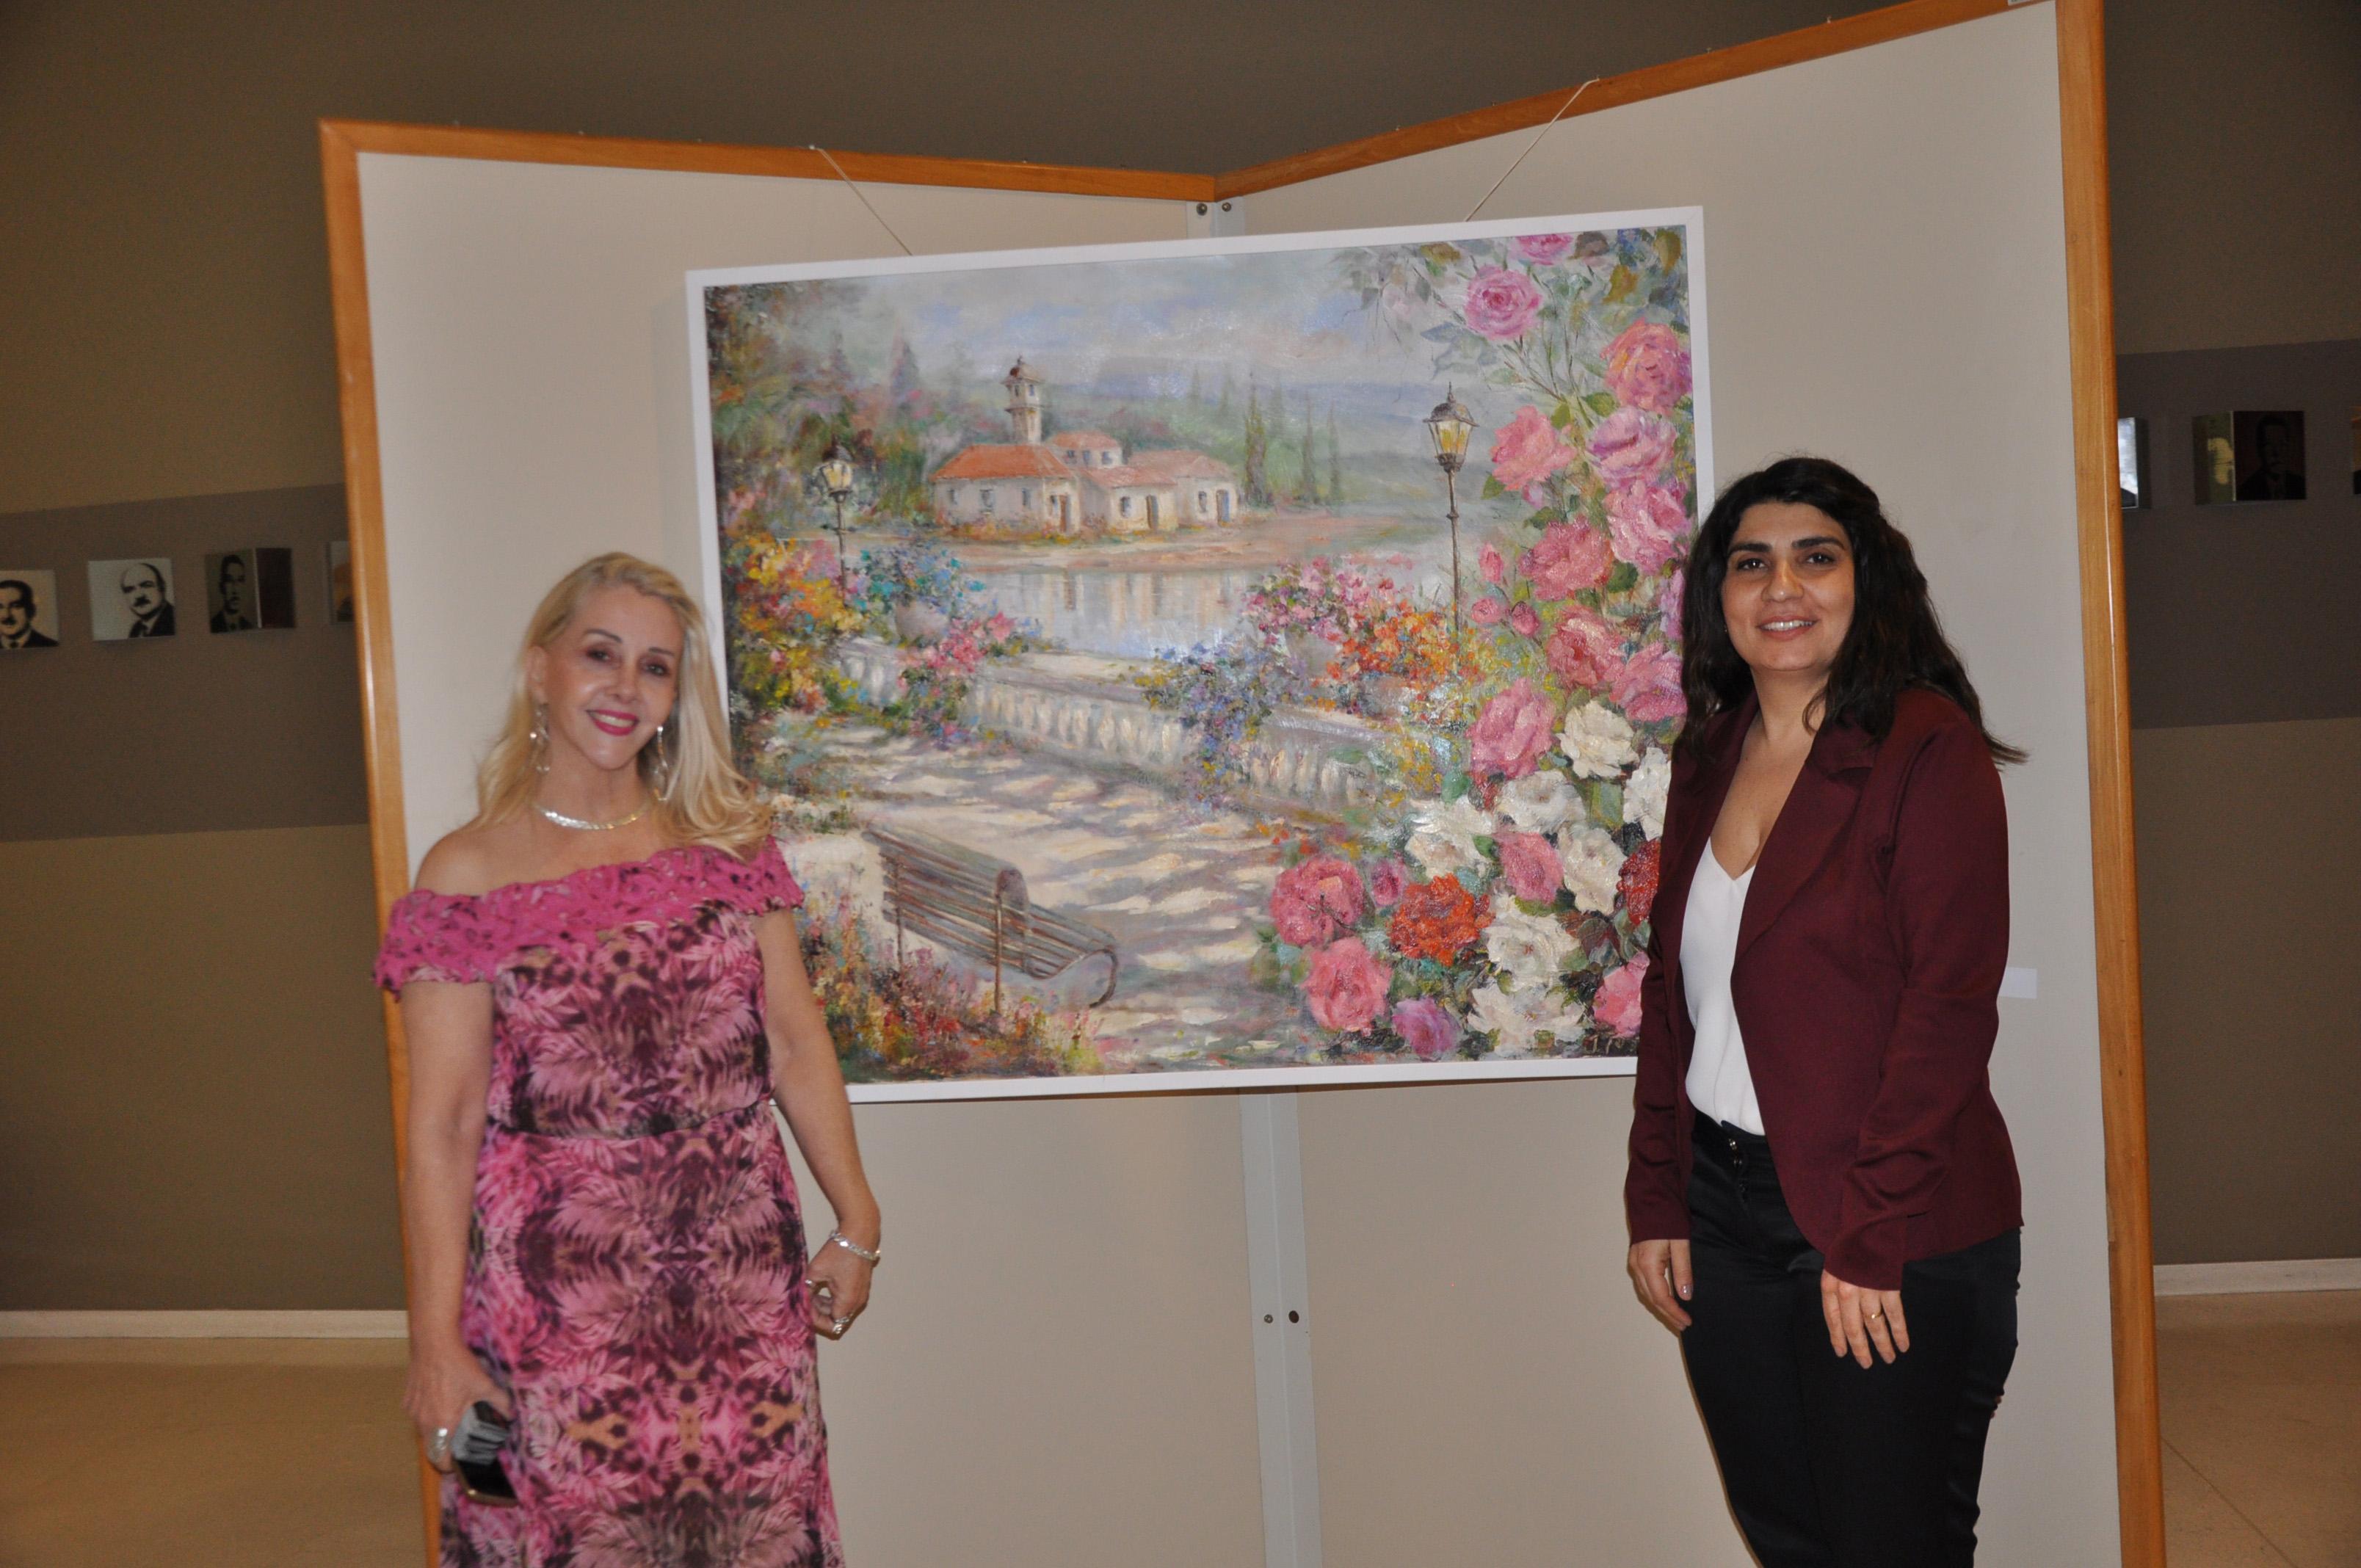 Inaugurada exposição da artista Irani Tomazella no CRCSP